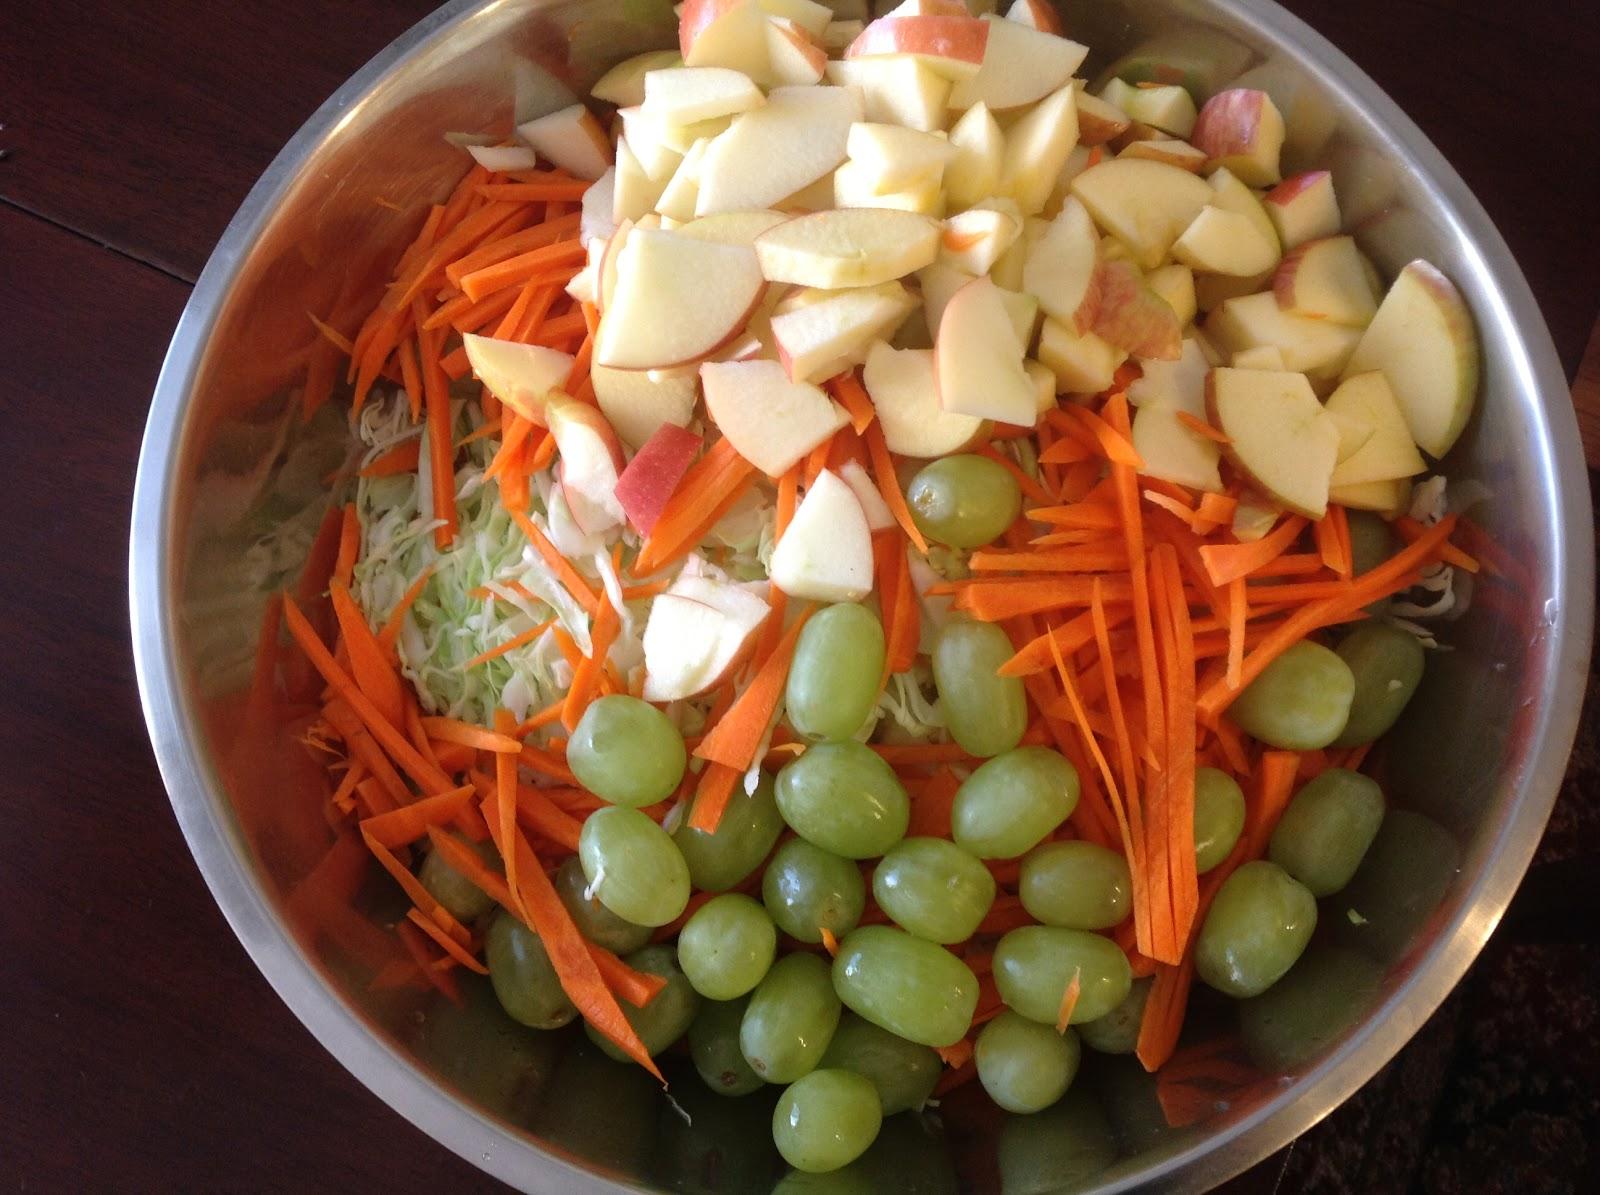 Справится даже новичок! Пошаговое описание и лучшие рецепты приготовления маринада для капусты